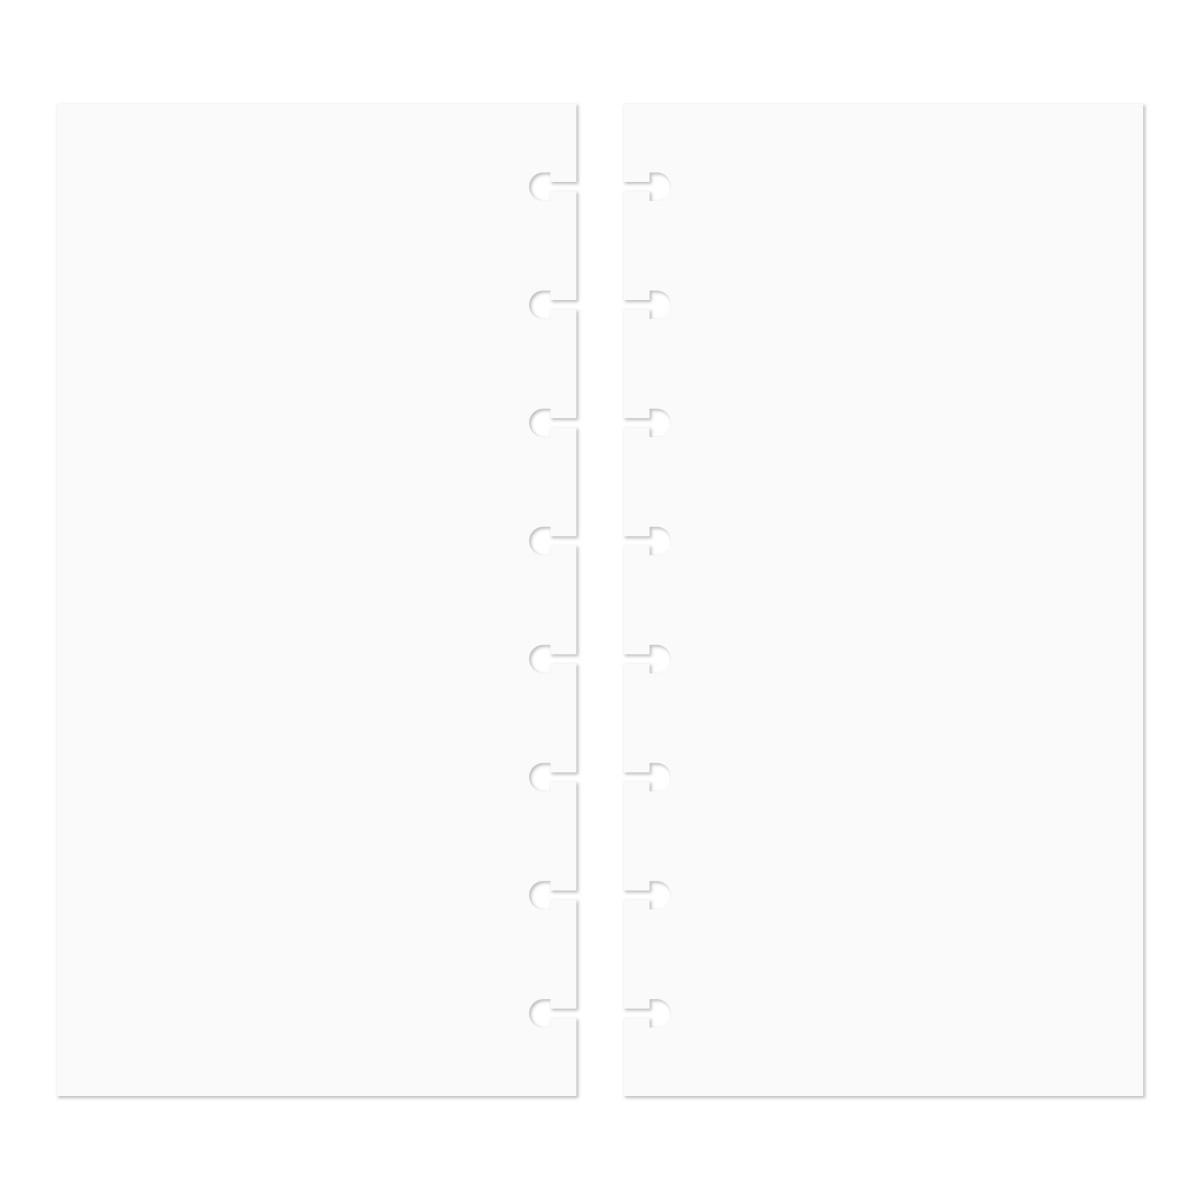 Discagenda Discbound Traveler's Notebook Insert Refills (Blank)